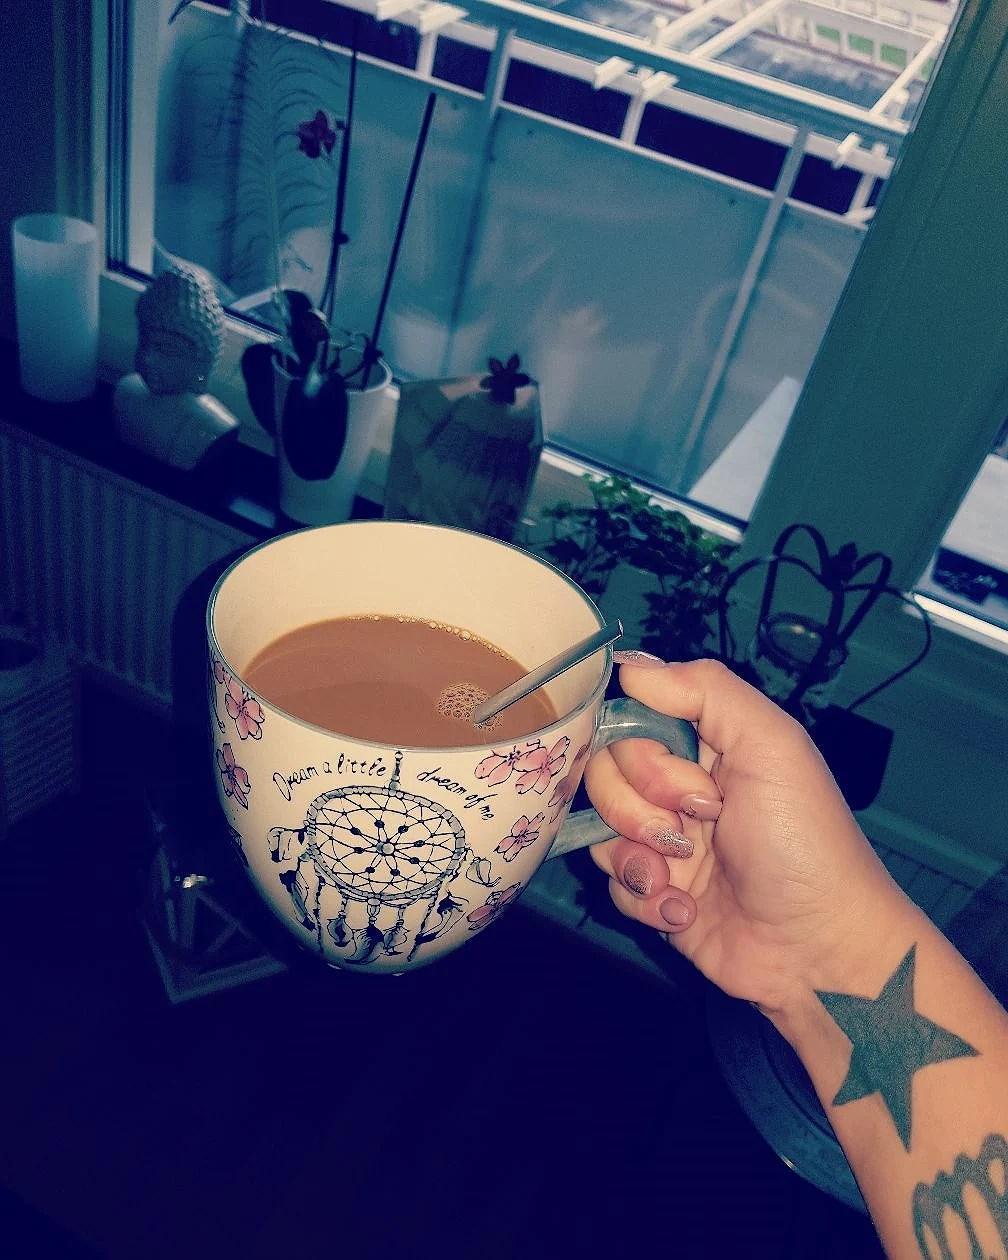 Lördag, kaffe och sociala medier!